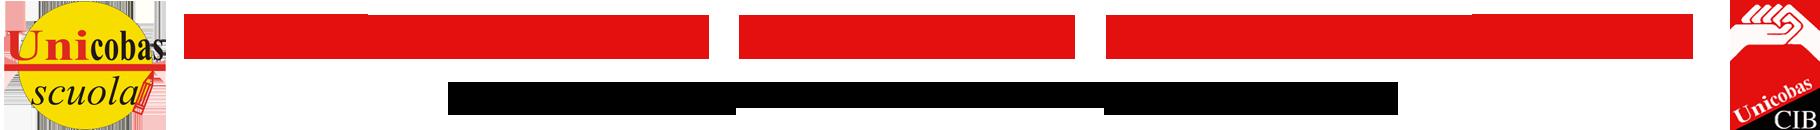 Confederazione Italiana di base - UNICOBAS